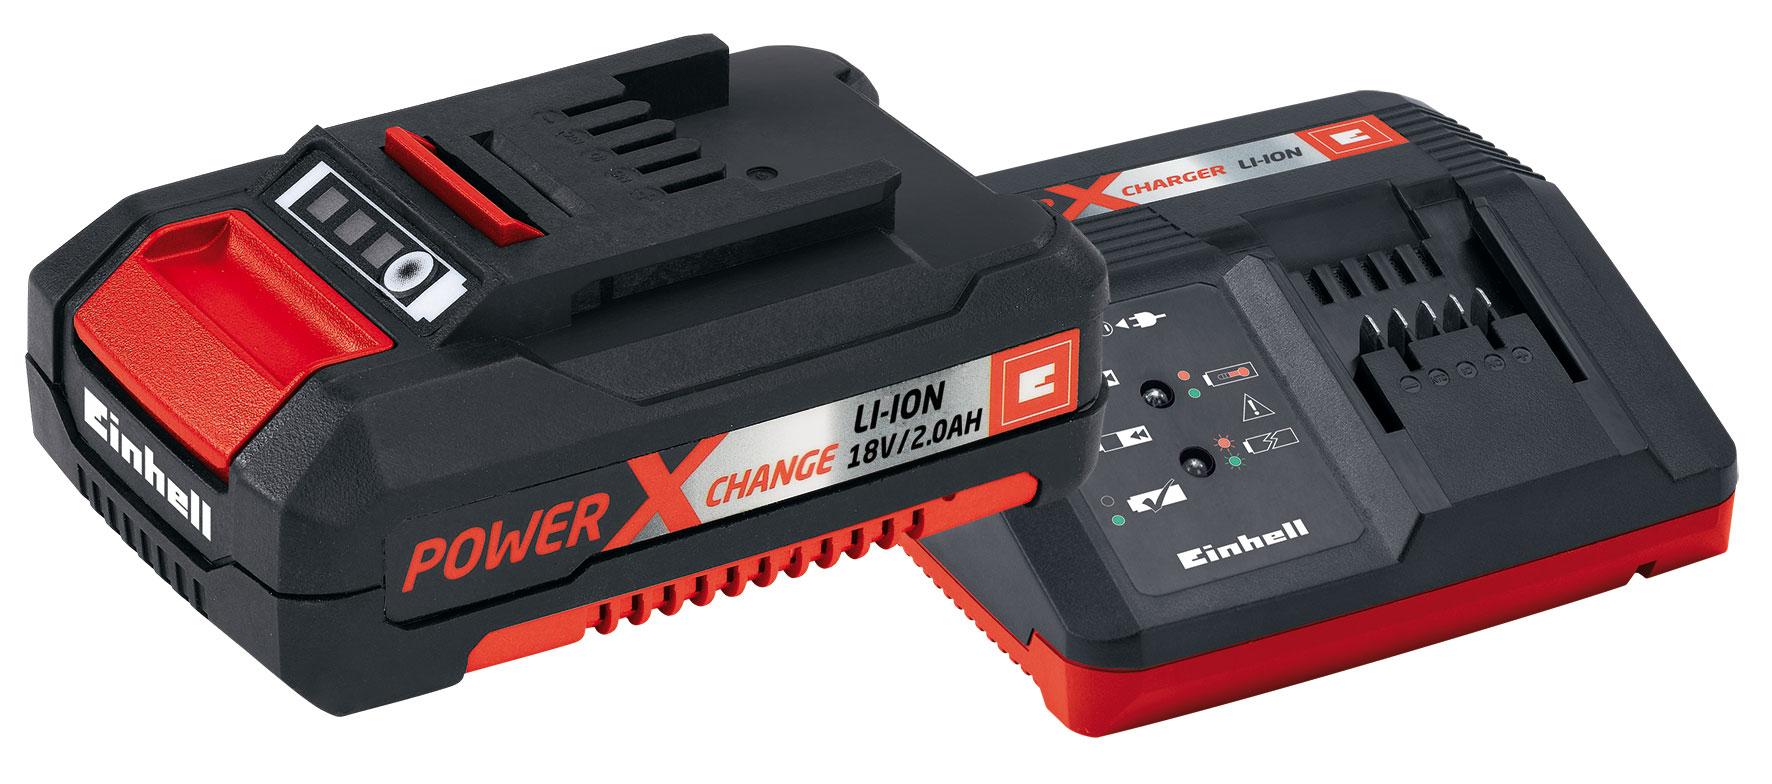 Einhell Power-X-Change Starter Kit Akku 18 V/2,0 Ah und Ladegerät Bild 1